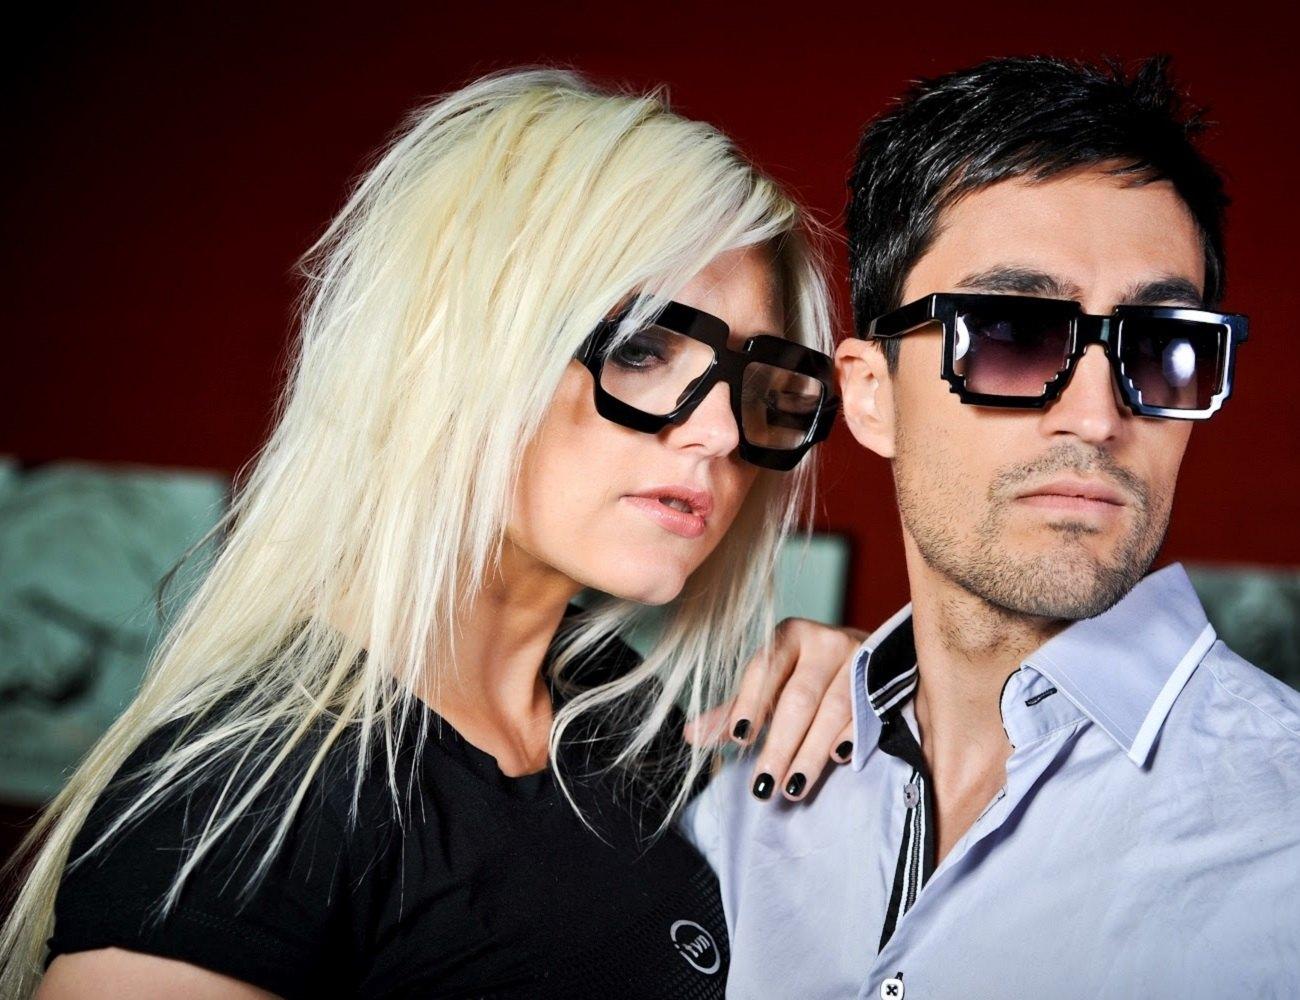 5 DPI Handmade Glasses by Dzmitry Samal